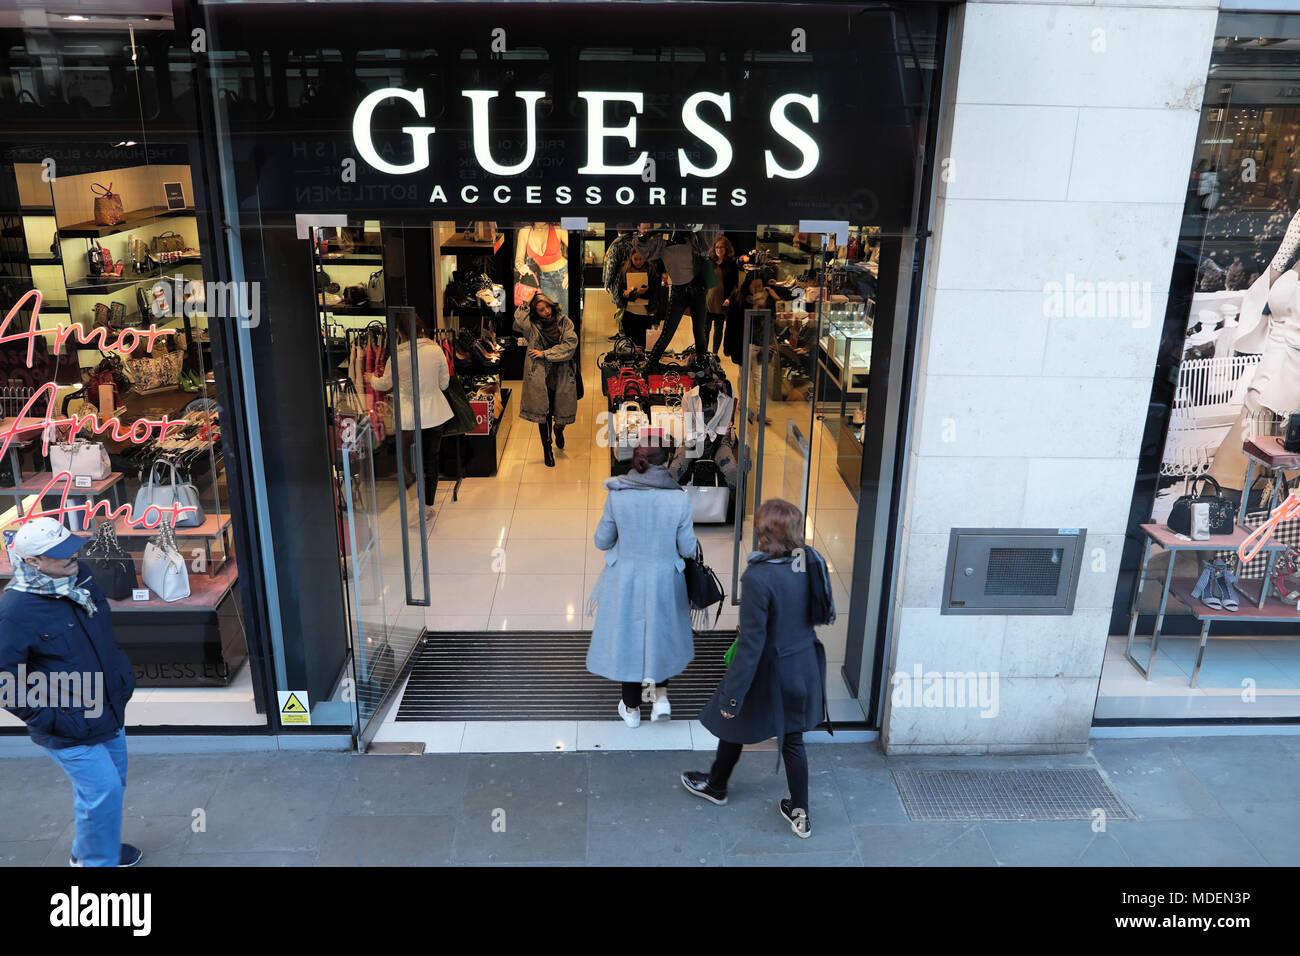 9dcb9416ae Quelques acheteurs dans l'entrée d'accessoires Guess boutique, un grand magasin  de